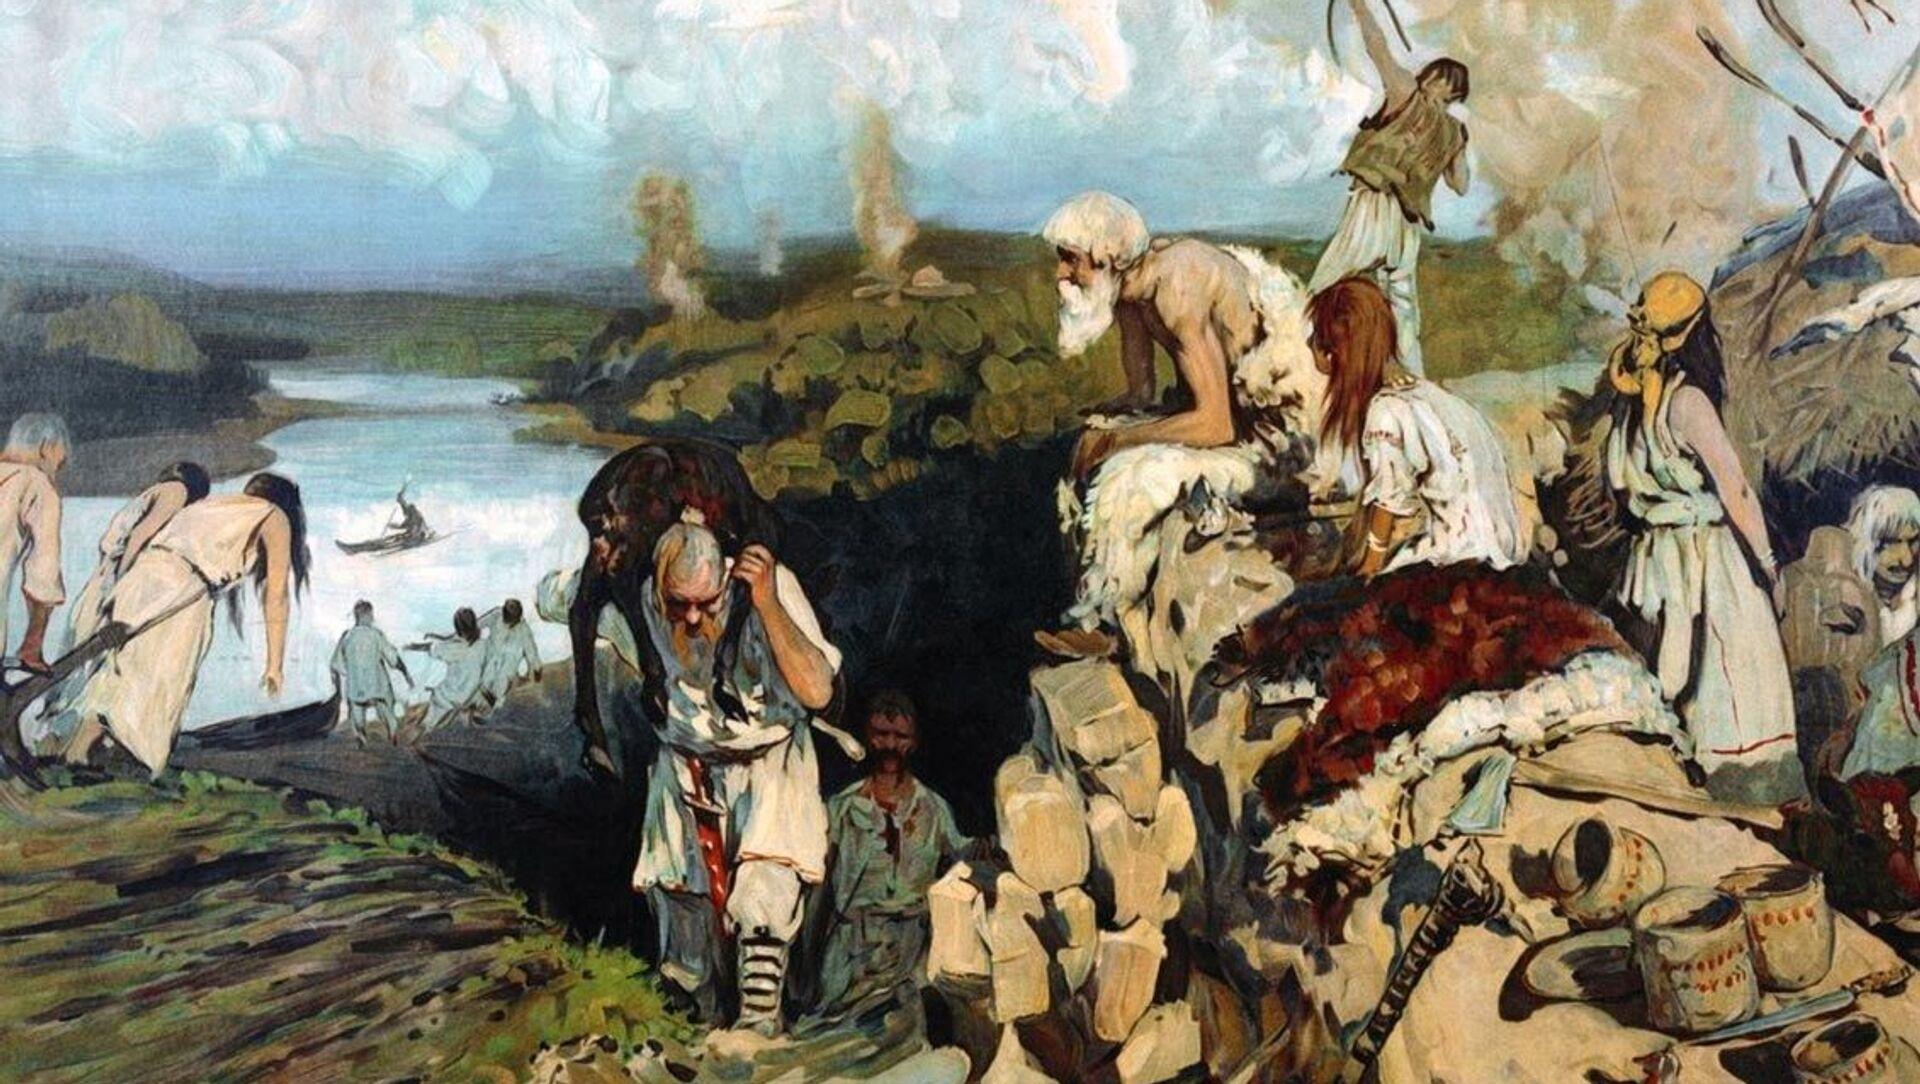 Slika Život istočnih Slovena ruskog slikara Sergeja Ivanova - Sputnik Srbija, 1920, 16.02.2021